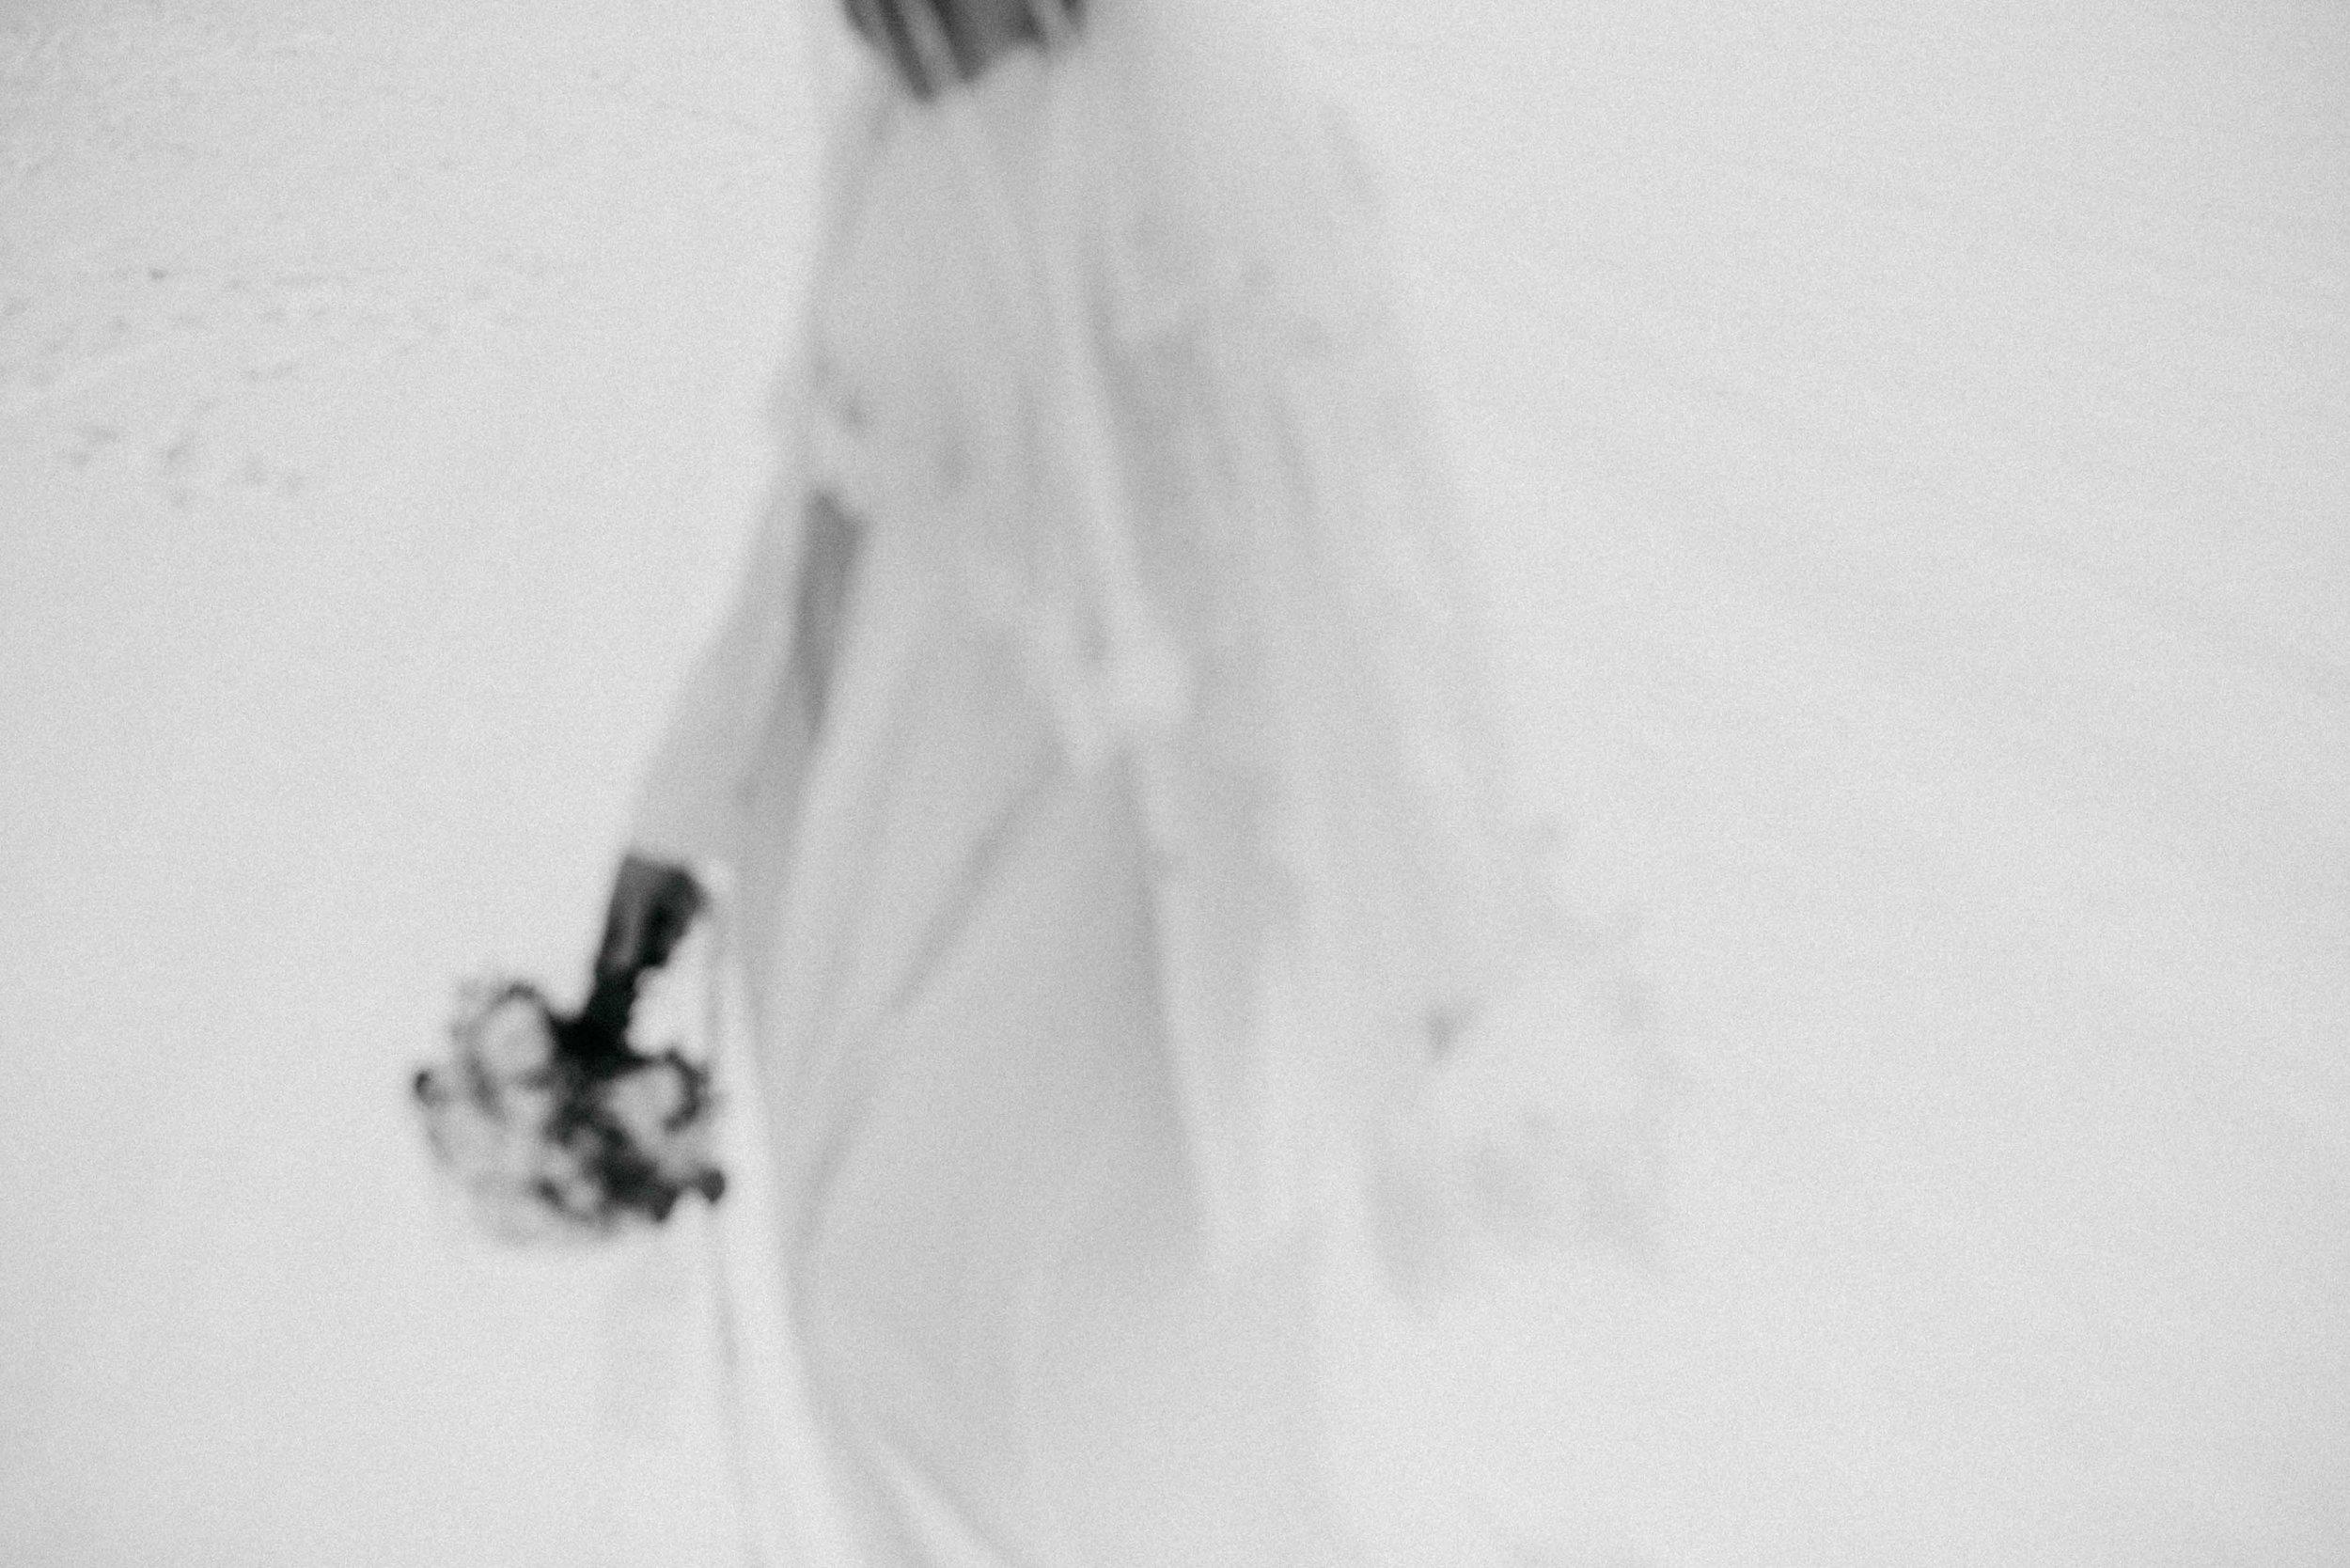 Snow Bride Winterhochzeit Schnne Braut-2886.jpg